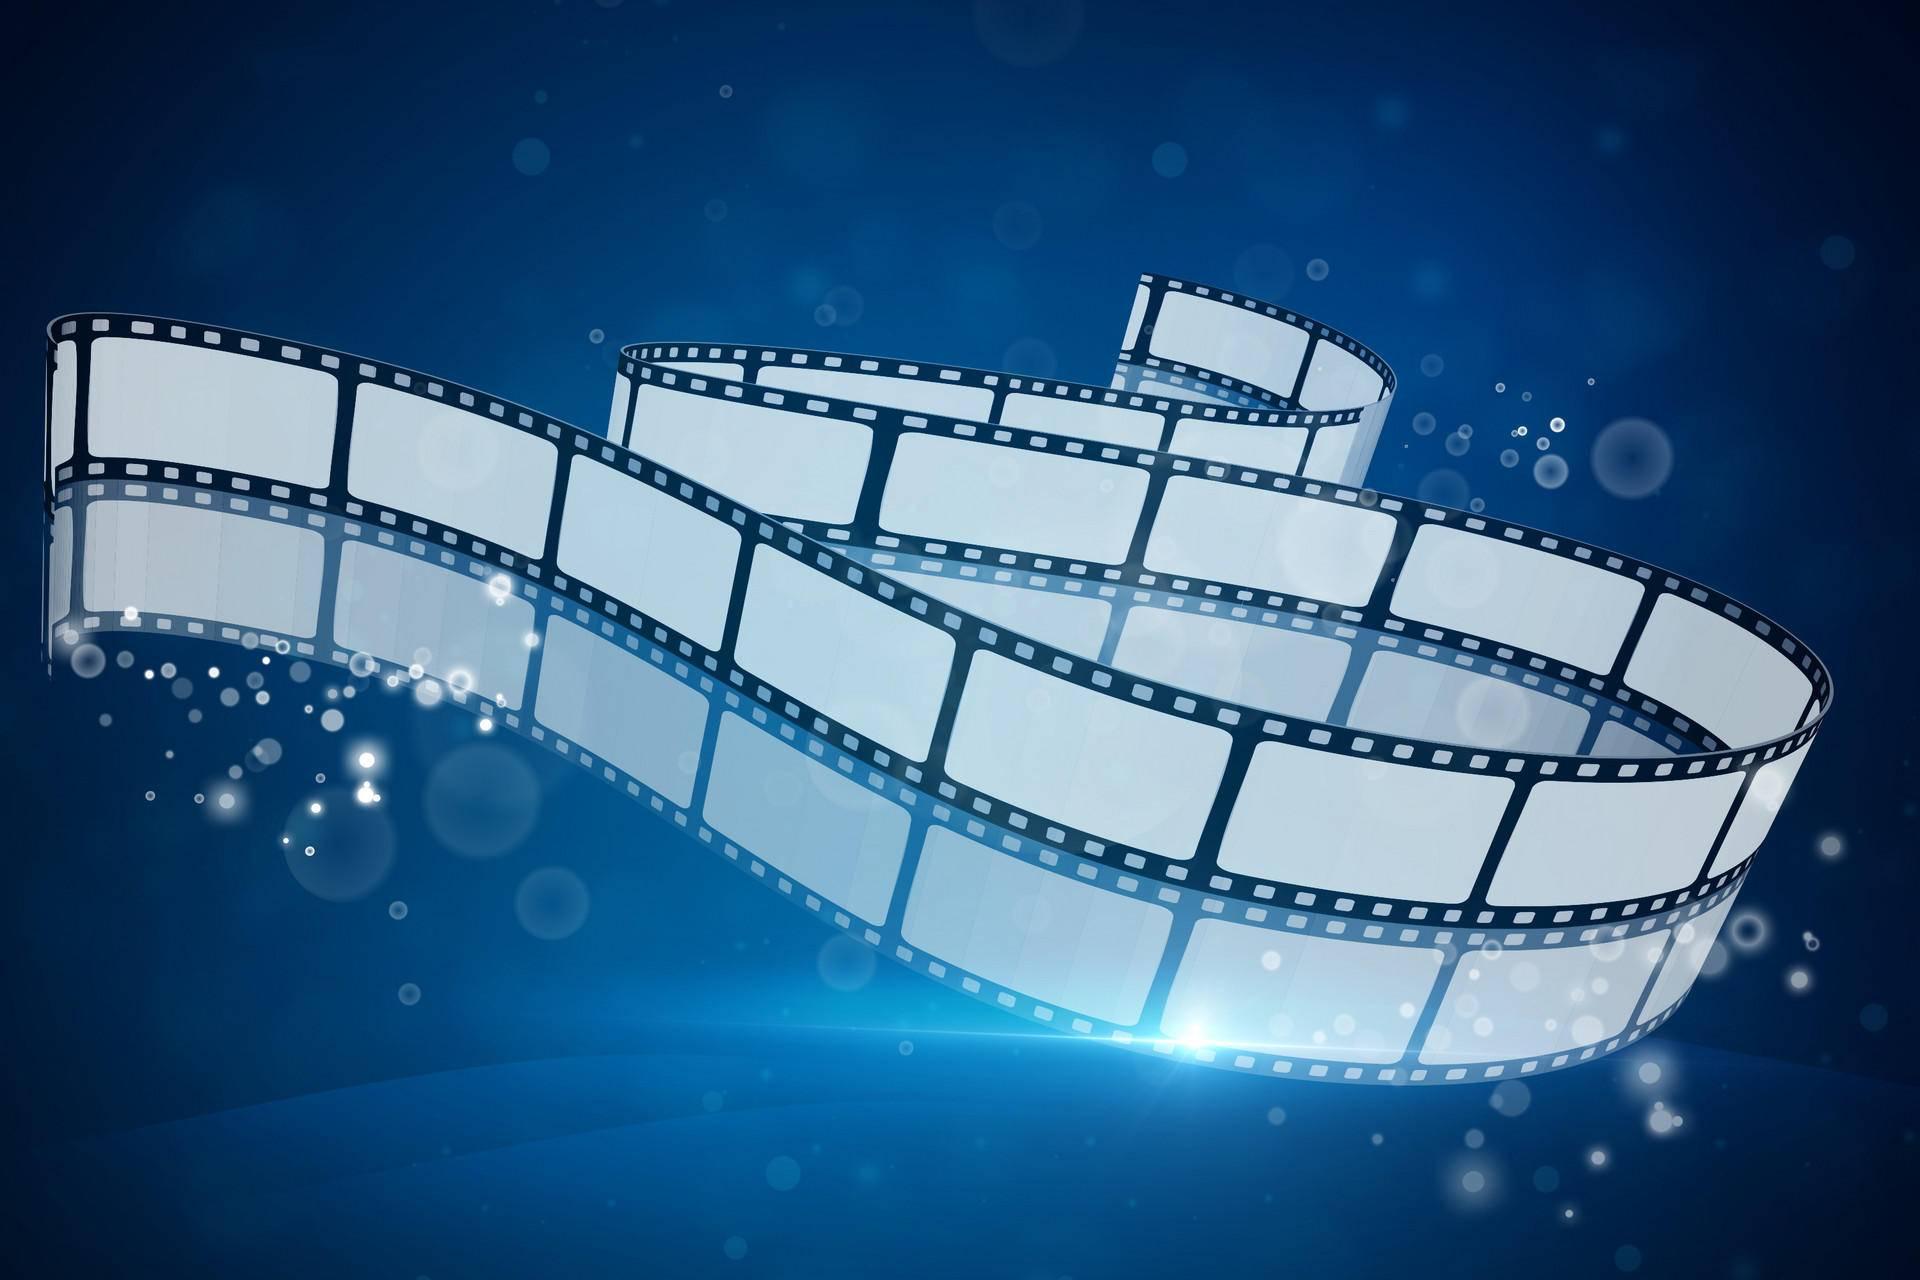 《赛尔号大电影7》十年起航坚守初心,百城联动共忆时光